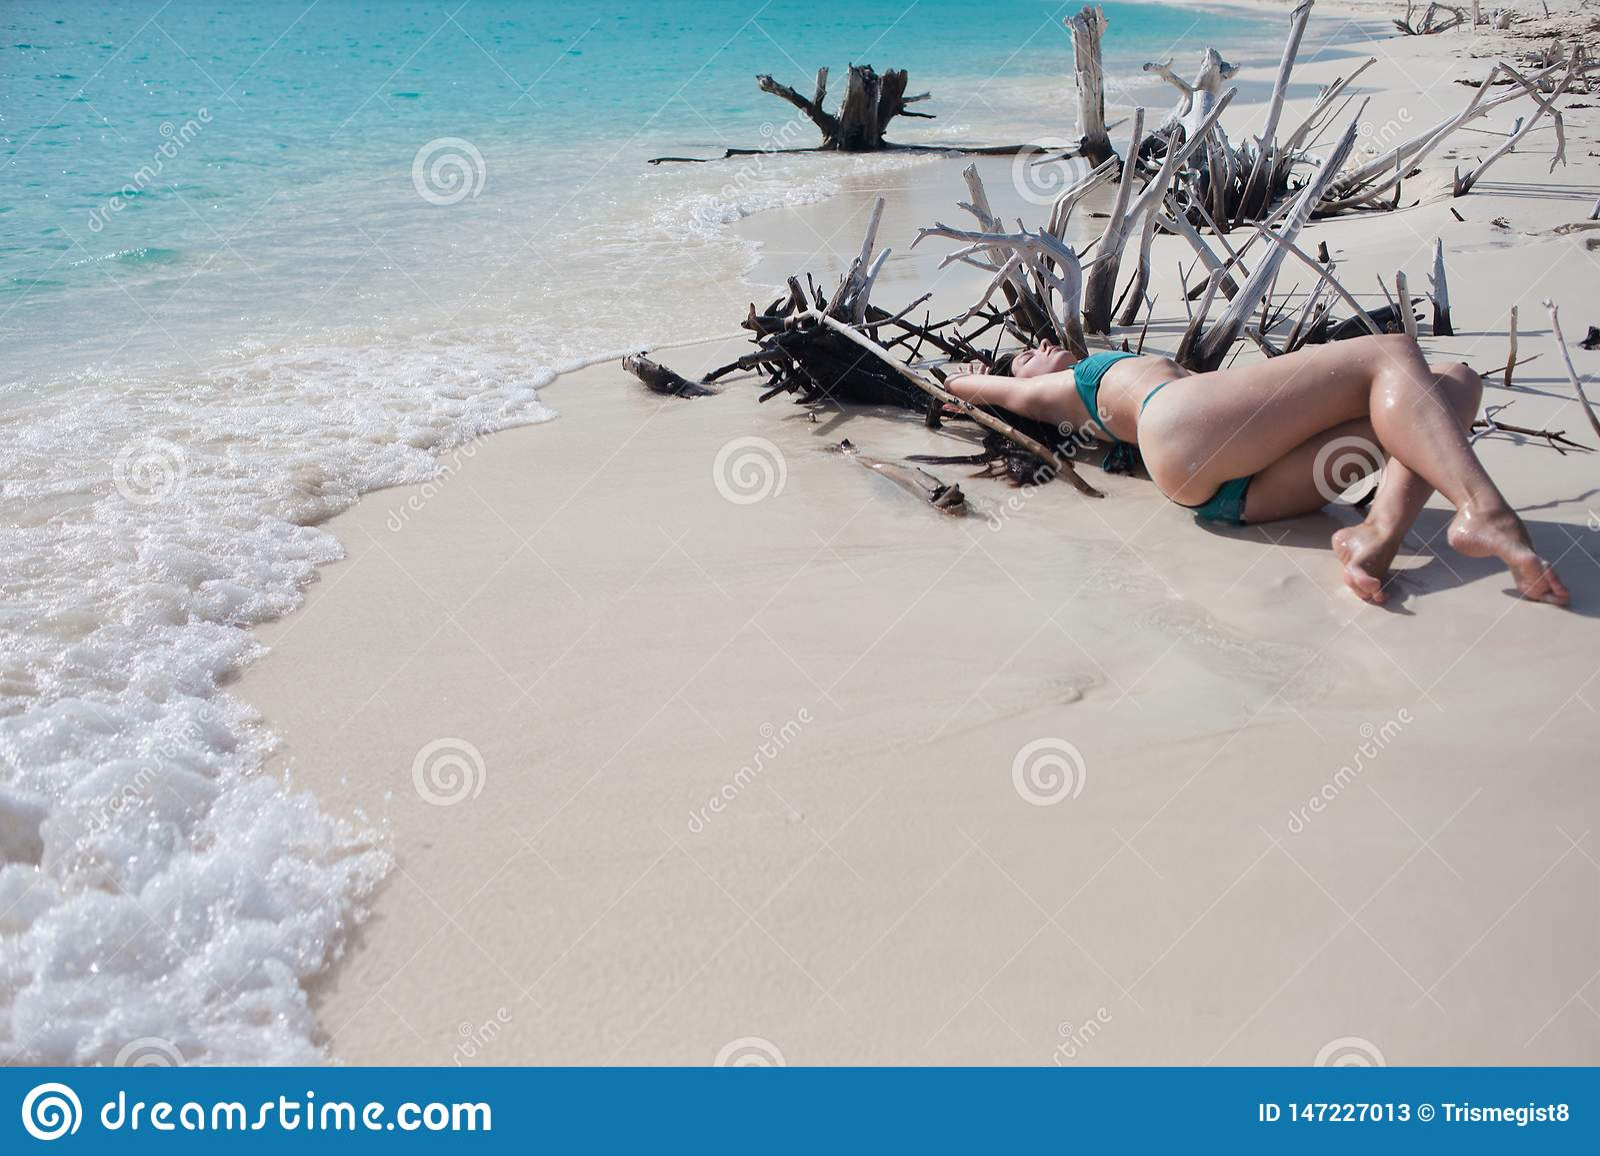 Красивая девушка в бикини лежа среди деревянных терниев на пляже